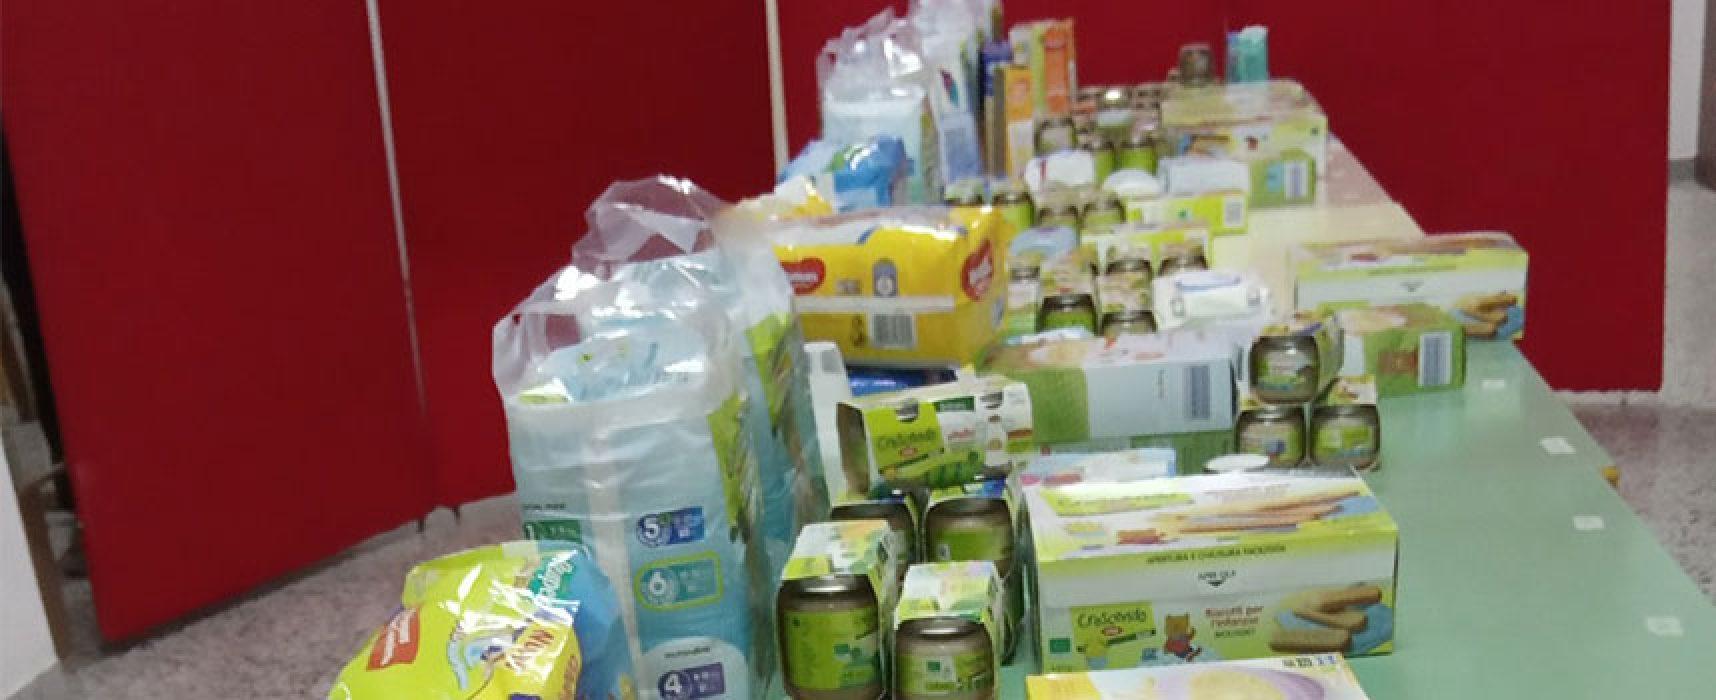 """Comitato Progetto Uomo: iniziativa """"Operazione Buona pappa"""" in aiuto dei bimbi"""